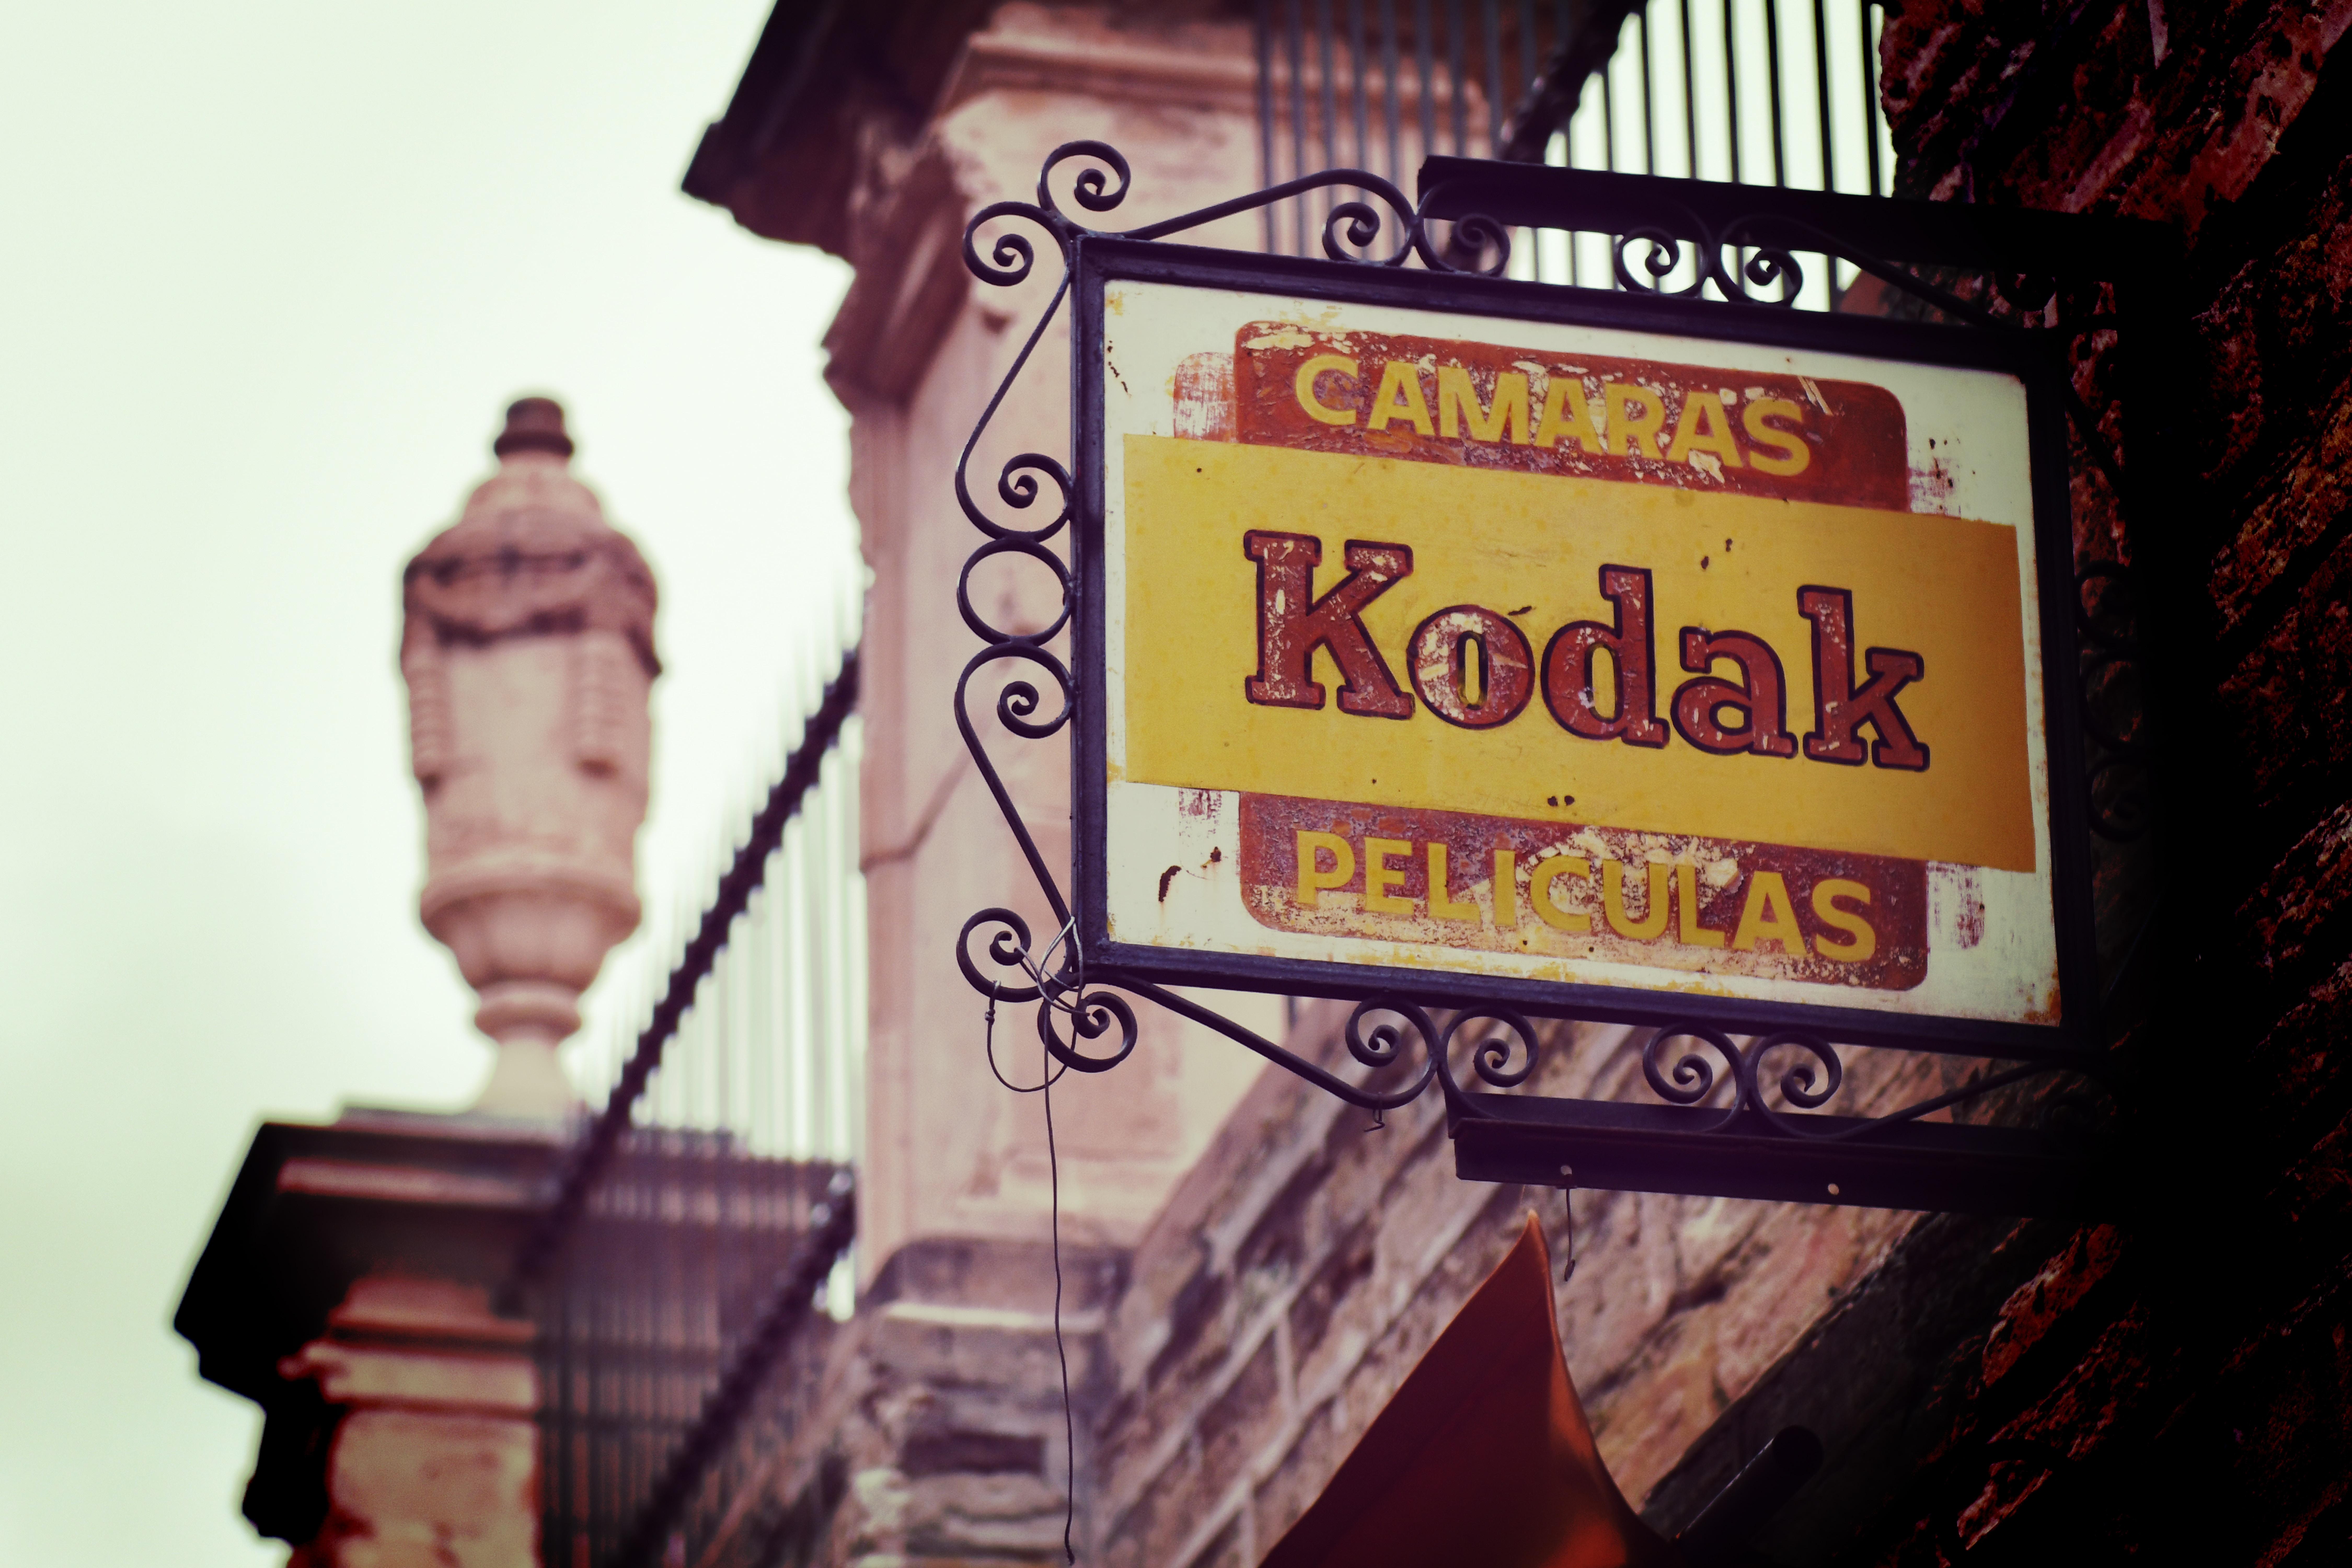 closeup photo of Kodak sign